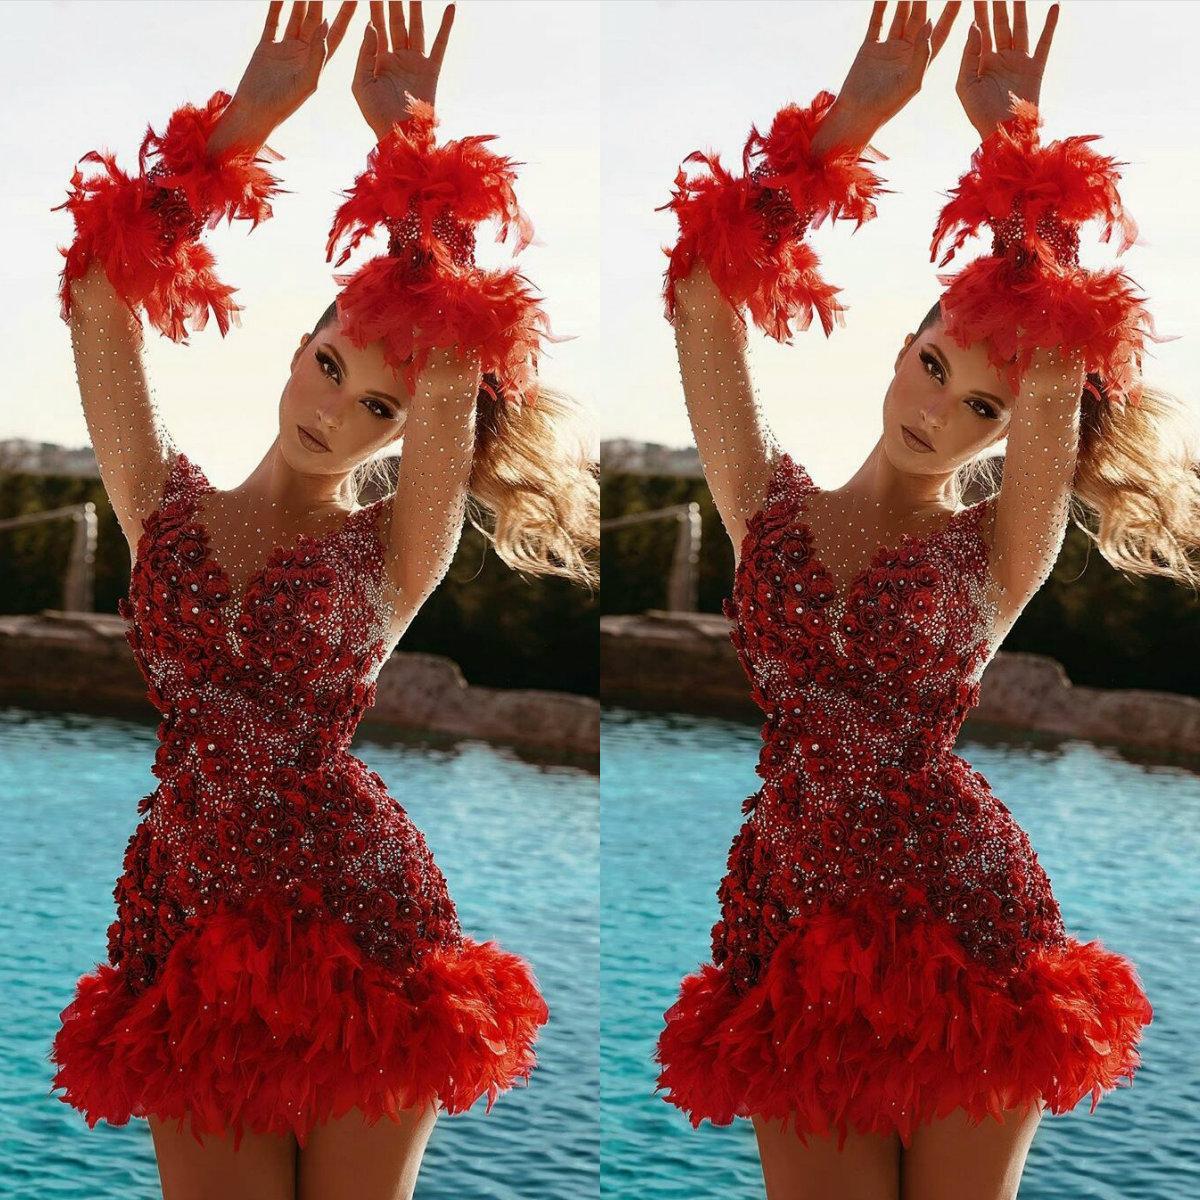 أحدث فساتين كوكتيل حمراء داكنة مع ريش أزهار ثلاثية الأبعاد تنورة صغيرة بلورات طويلة الكم بلورات المشاهير المثيرة